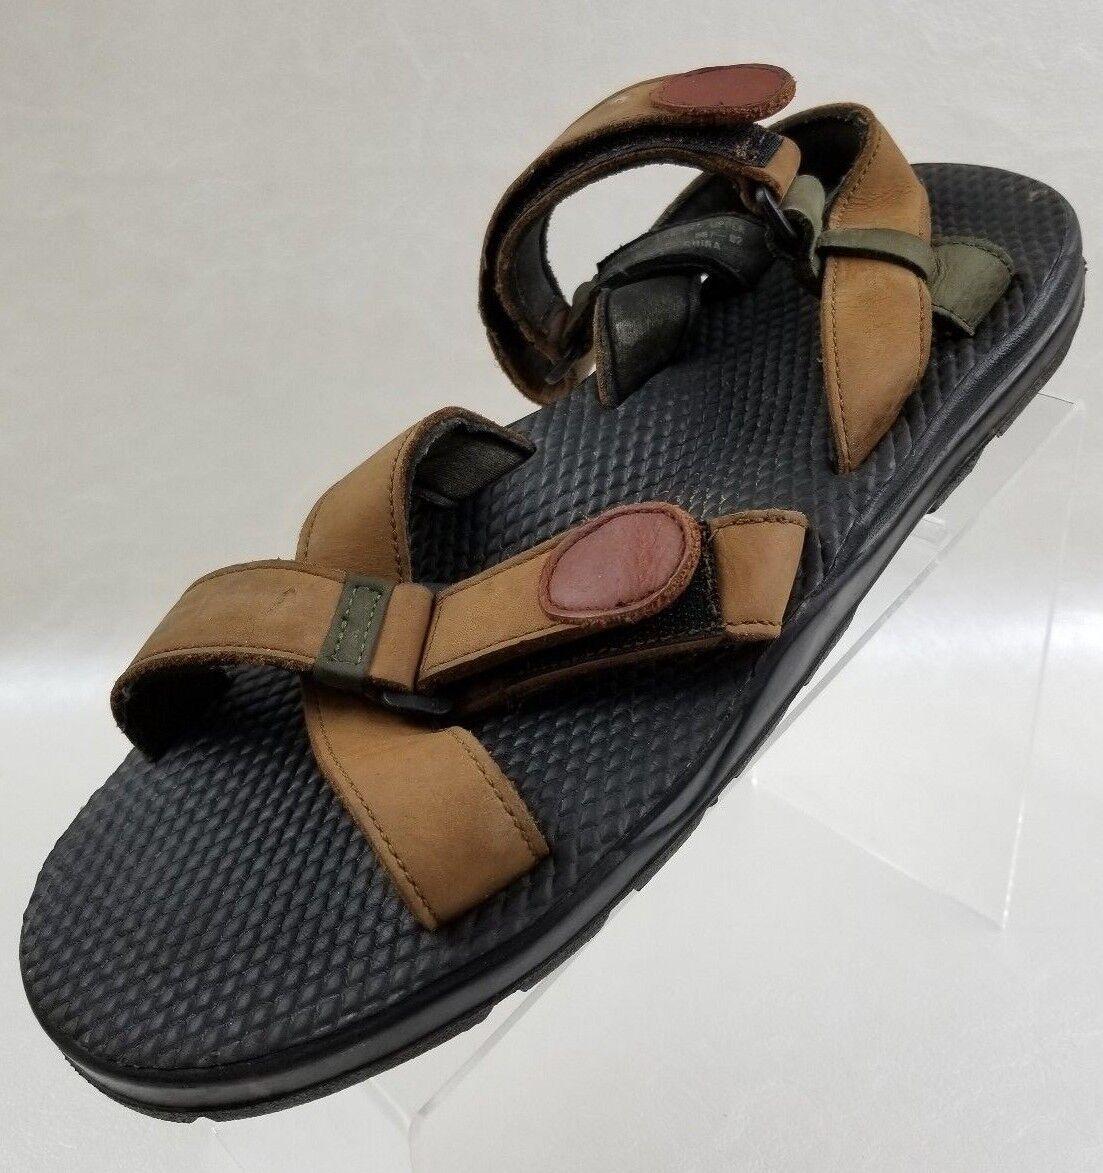 Nunn Bush Sandals Mens Open Toe Cross Strap Brown Leather shoes Size 12M